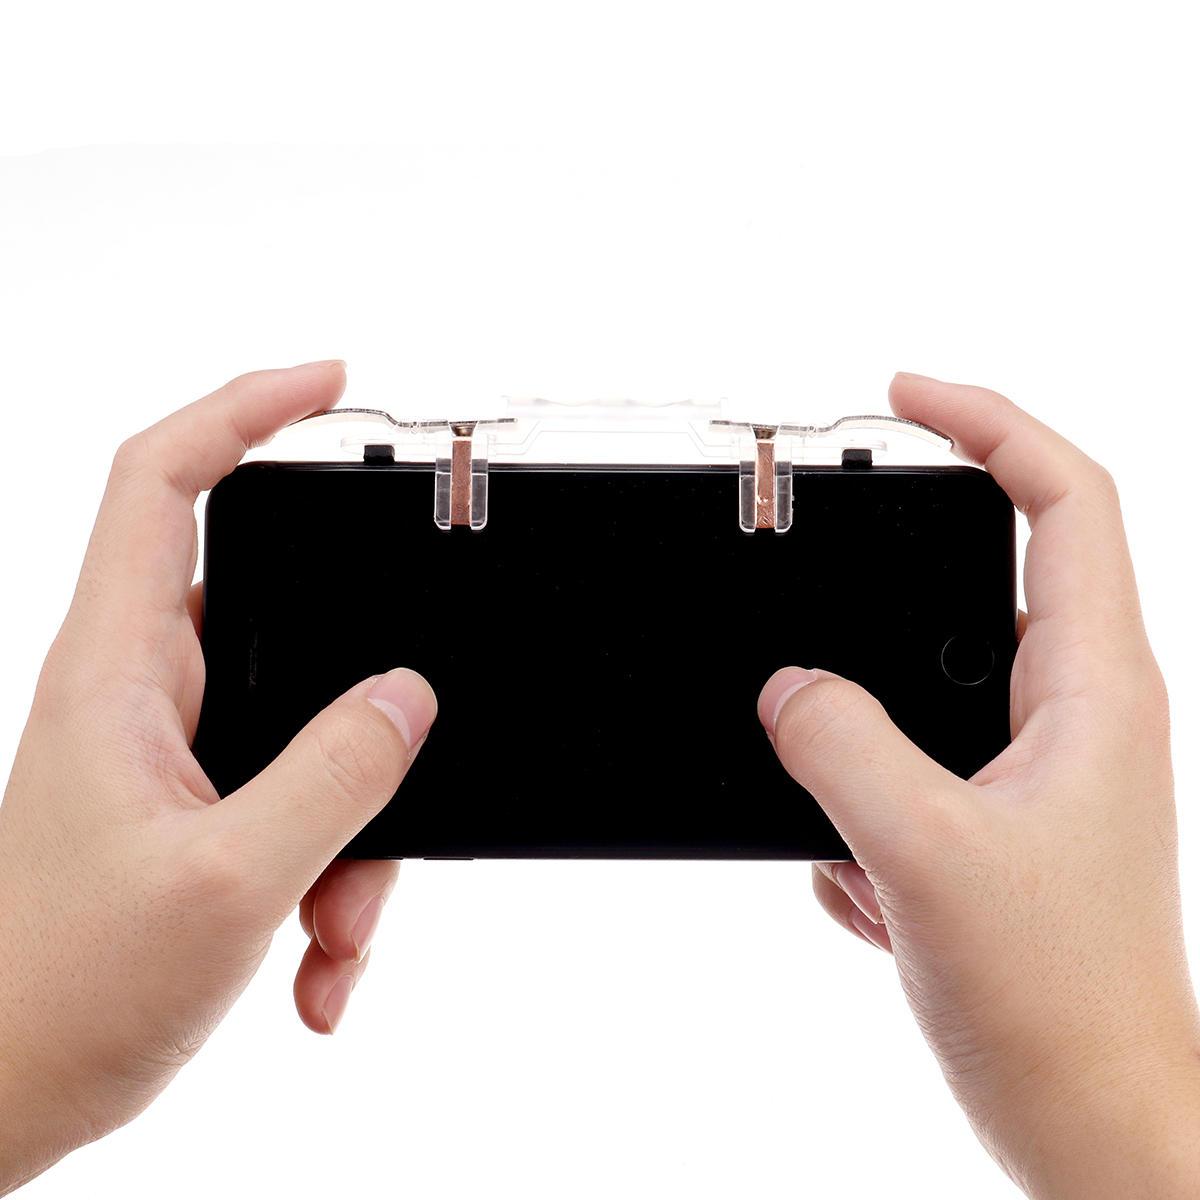 Joystic Gamepad Trigger Fire Button Assist Ferramenta de Jogo Controlador para PUBG Jogo Móvel para Smartphone